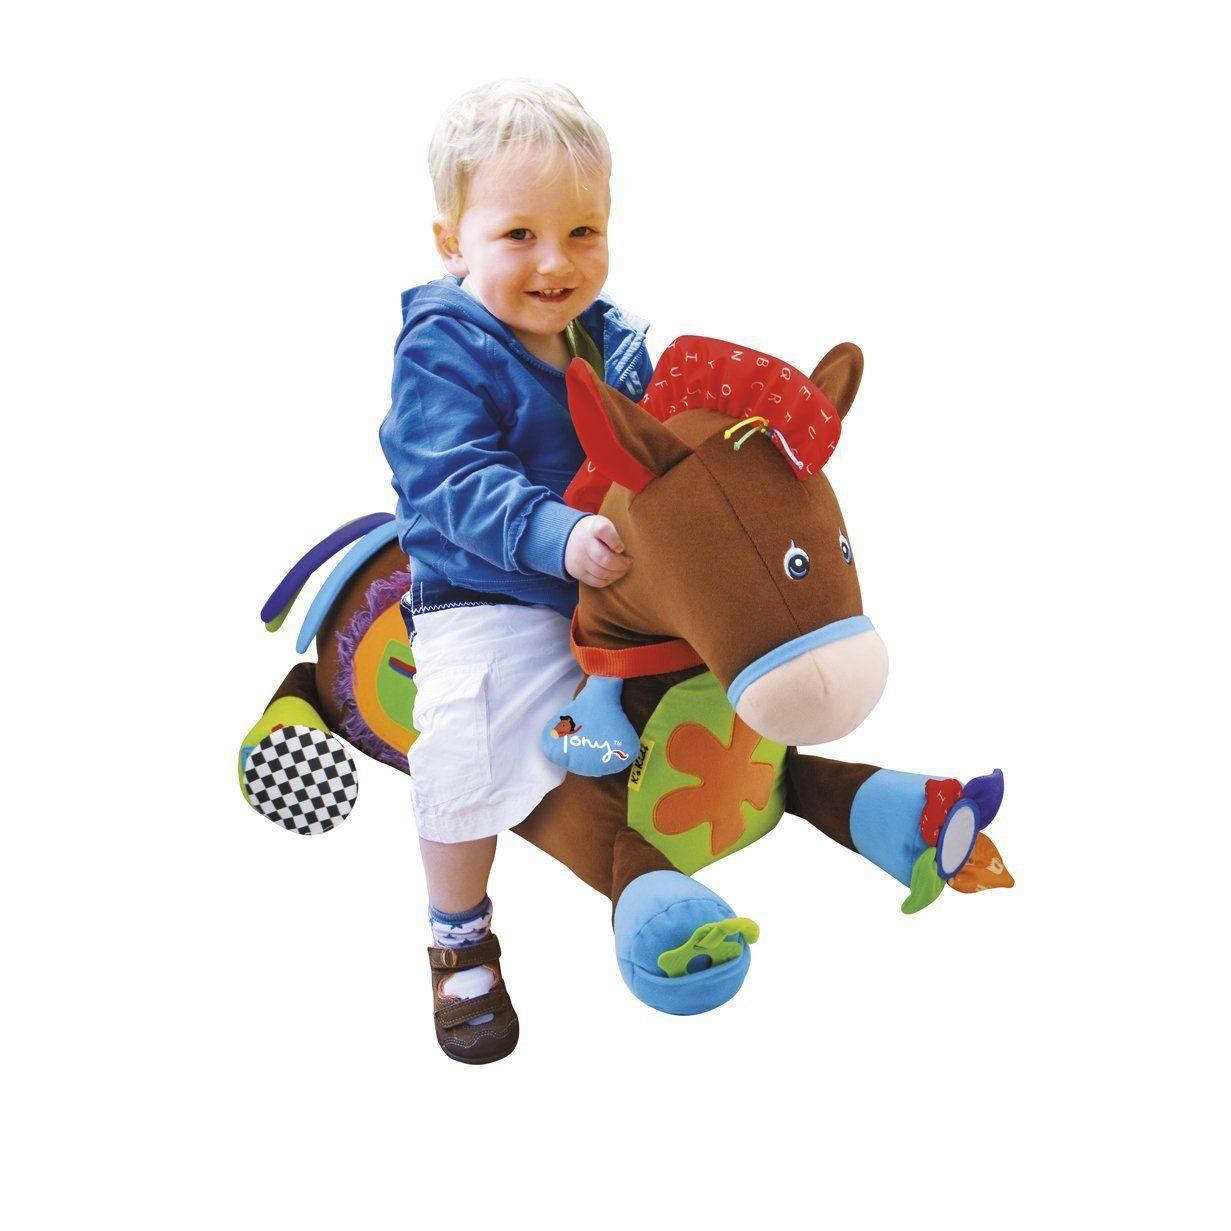 K's Kids Siège Sauteur Suspendus Tony The Pony-Tony Le Poney: Amazon.fr: Bébés & Puériculture